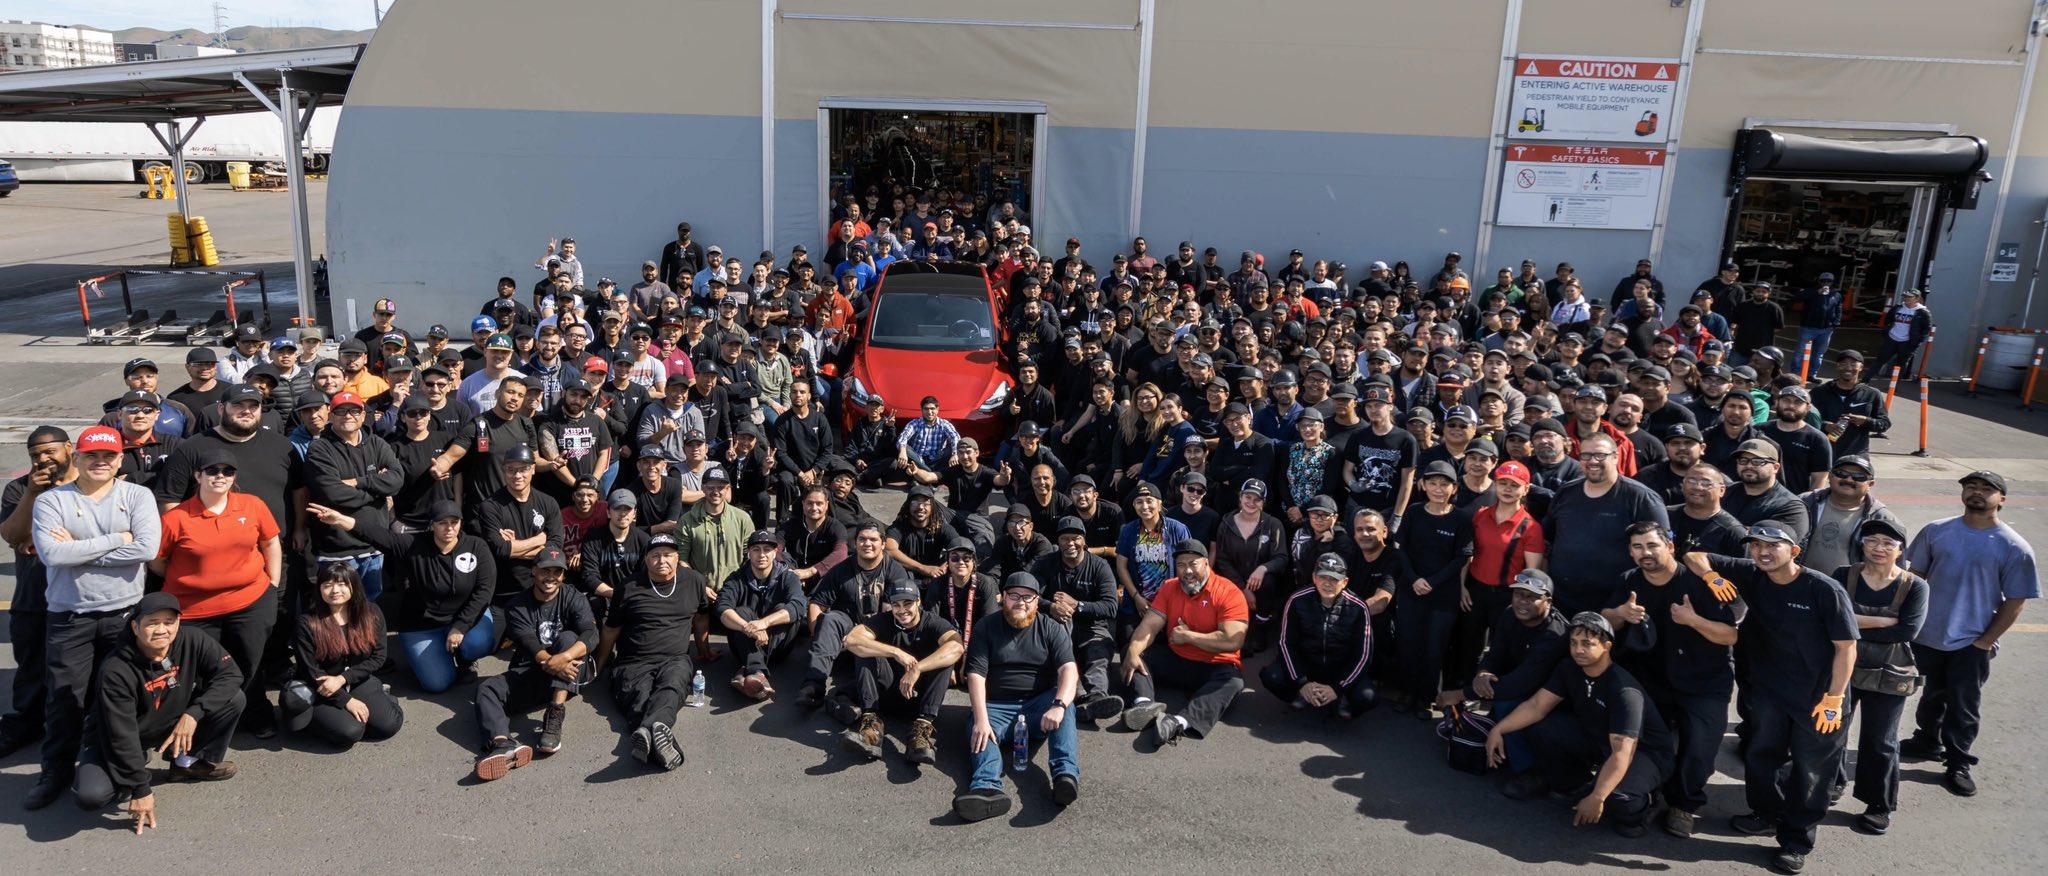 إليون ماسك يحتفل بإنتاج تسلا للسيارة الكهربائية رقم مليون